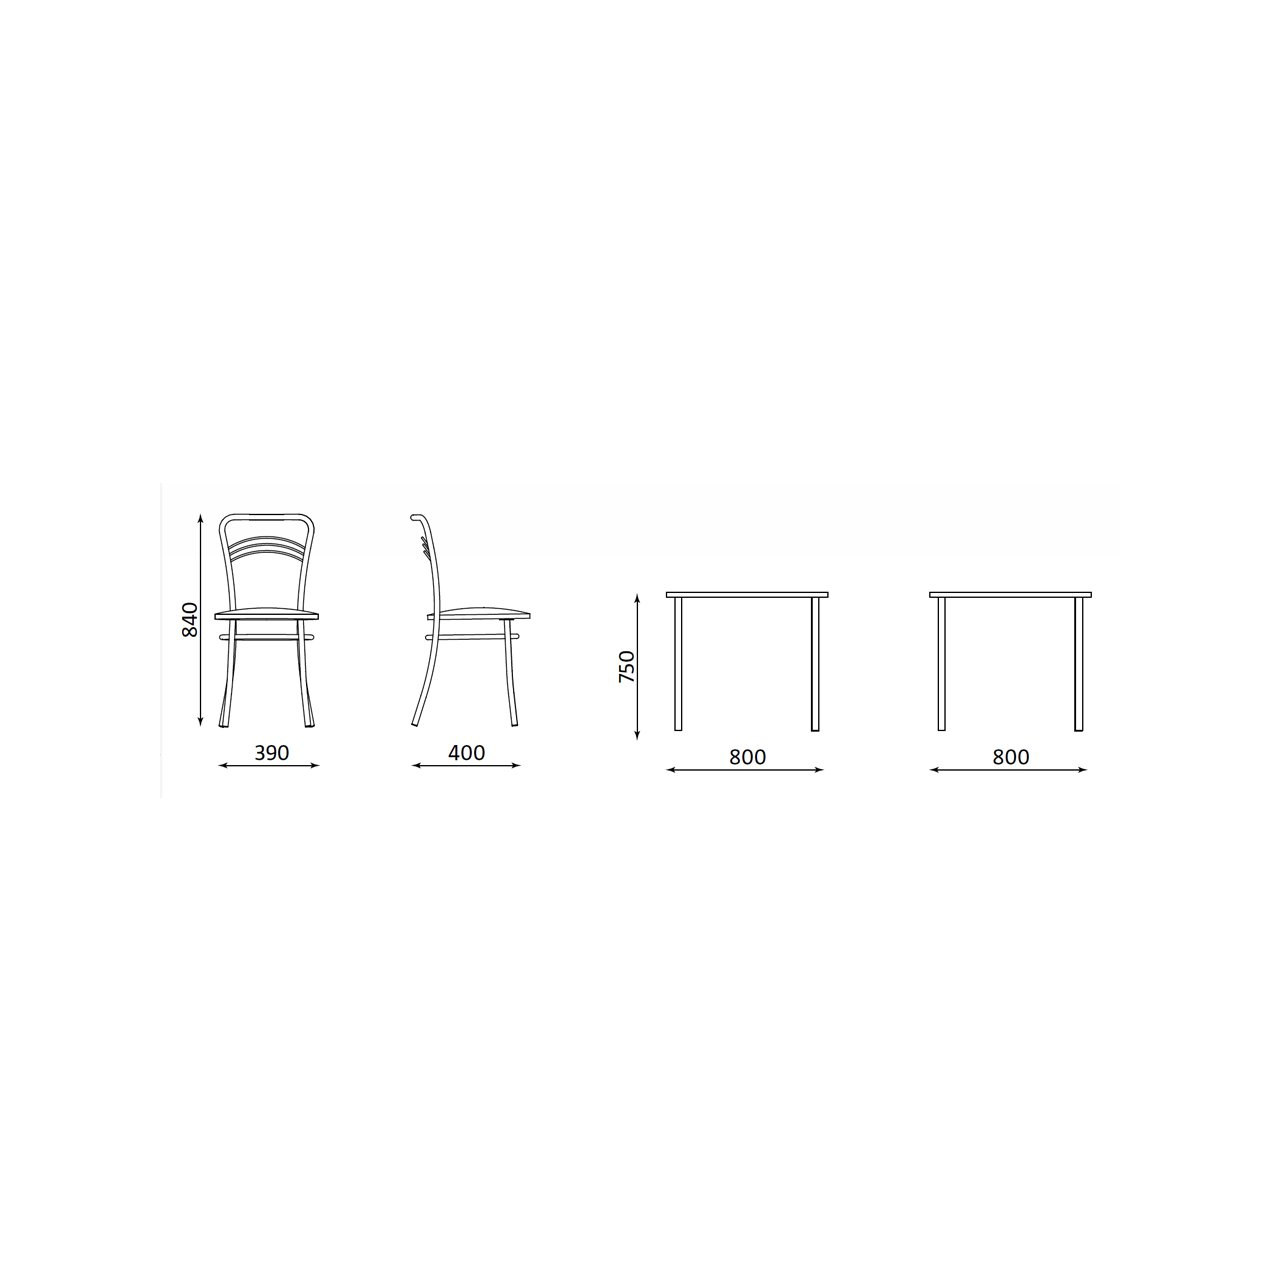 Zestaw Mebli Kuchennych Stol 4 Krzesla 80x80 Cm Buk W Sklepmrowka Pl